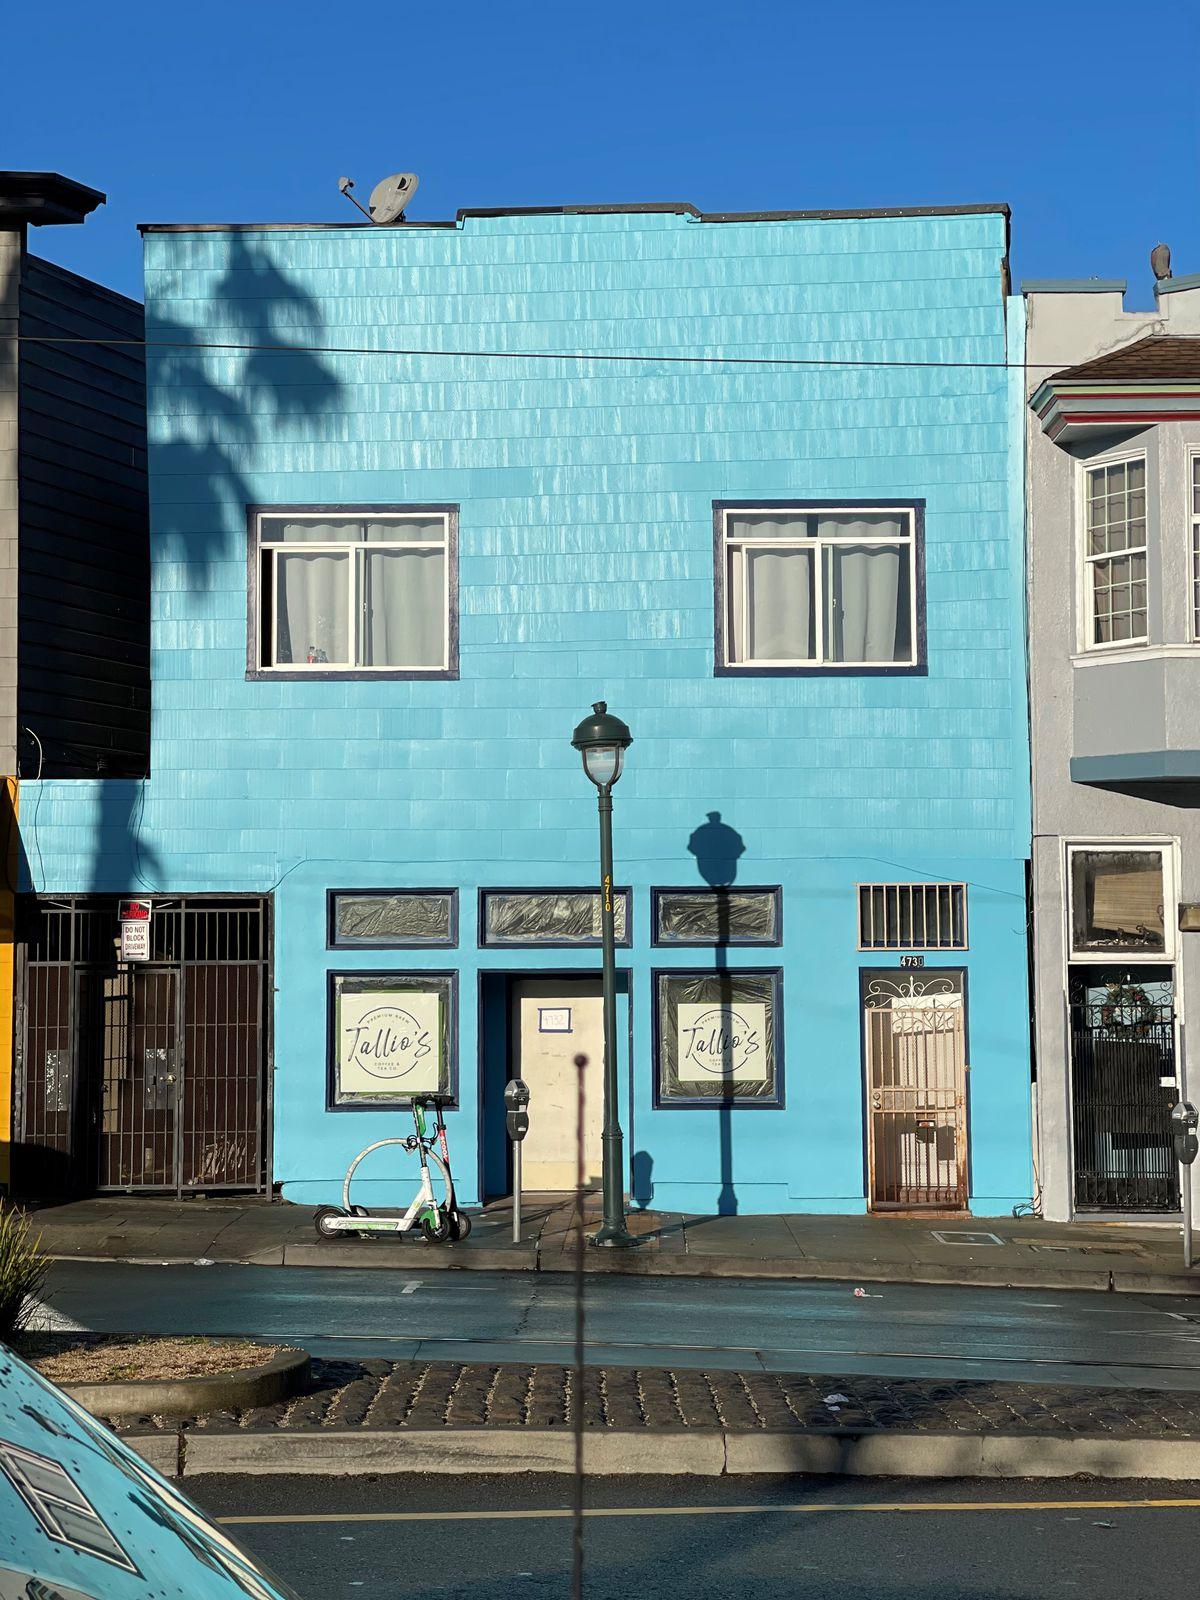 A blue building